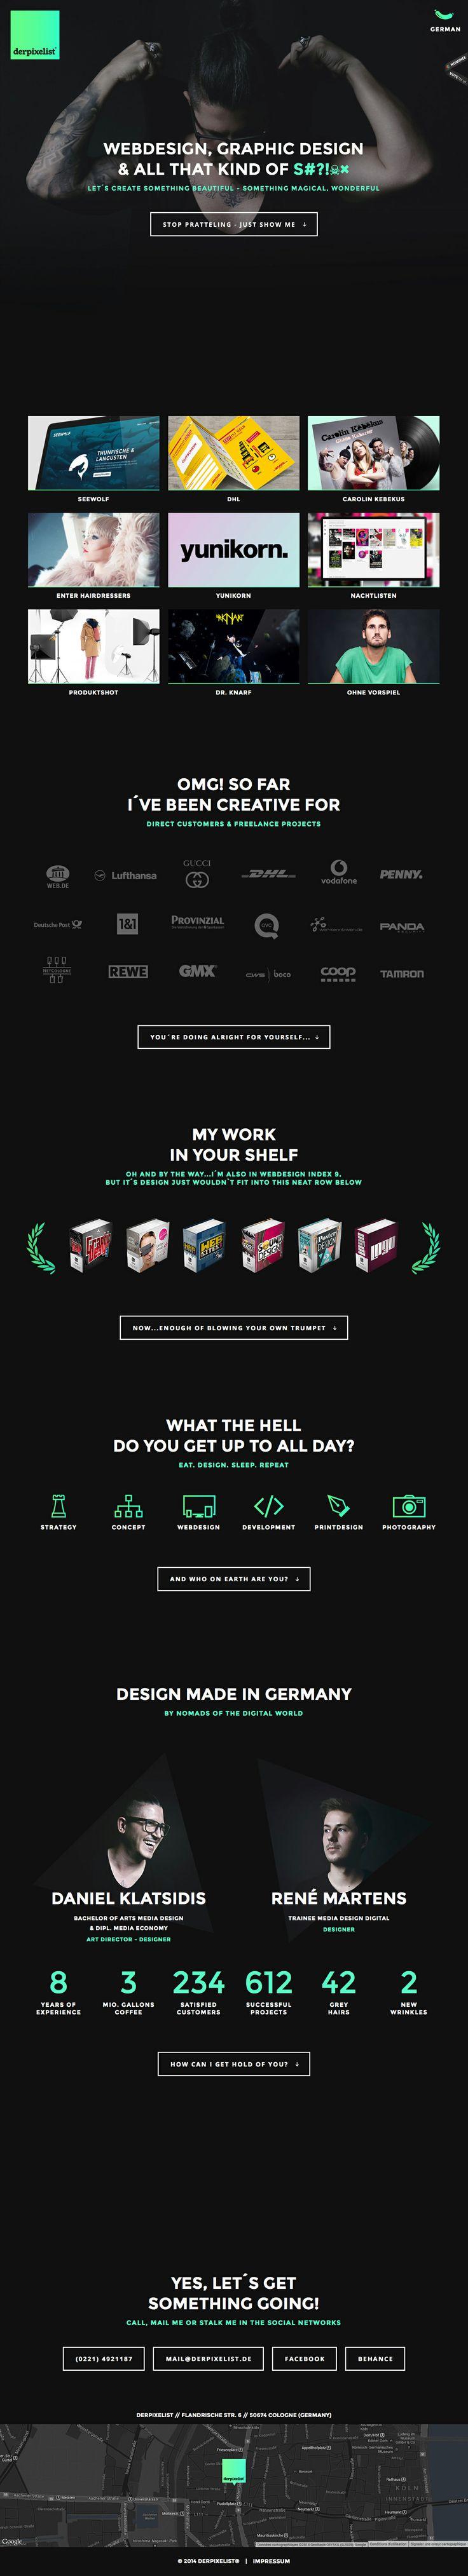 Unique Web Design, Derpixelist (http://derpixelist.de) #WebDesign #Design (http://www.pinterest.com/aldenchong/)